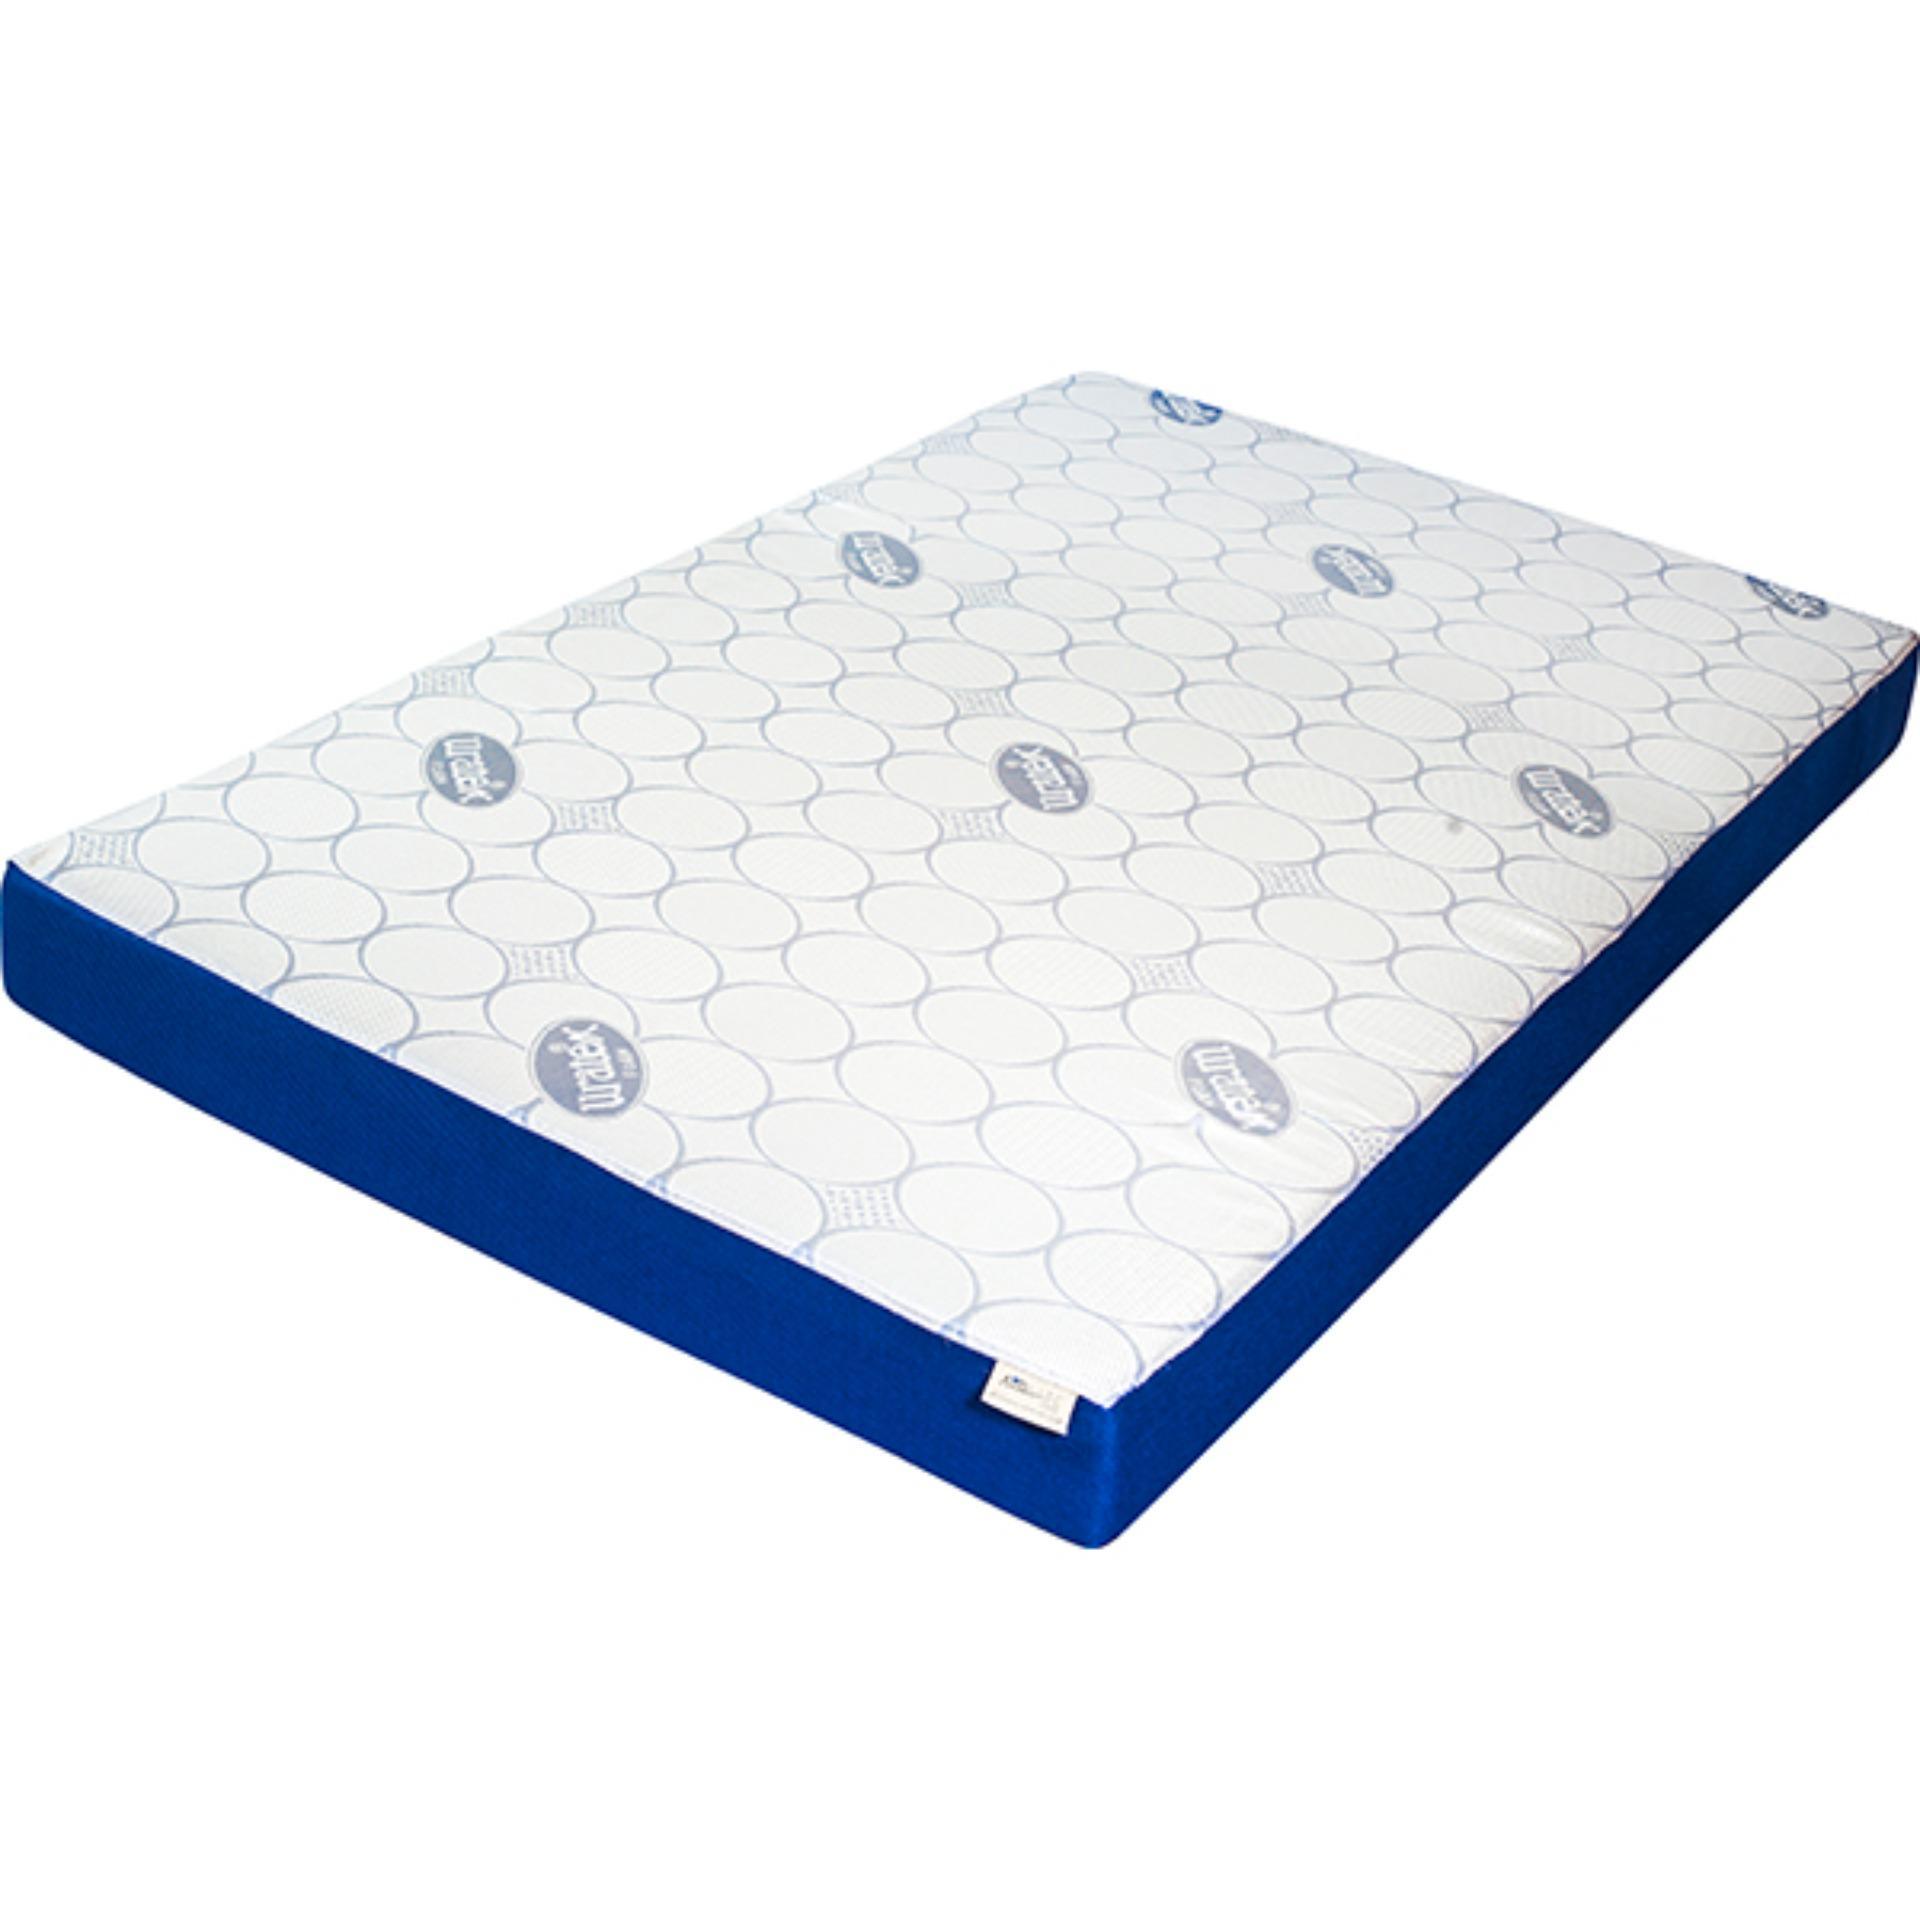 Uratex Airlite Mattress Cool 4x36x75 Blue